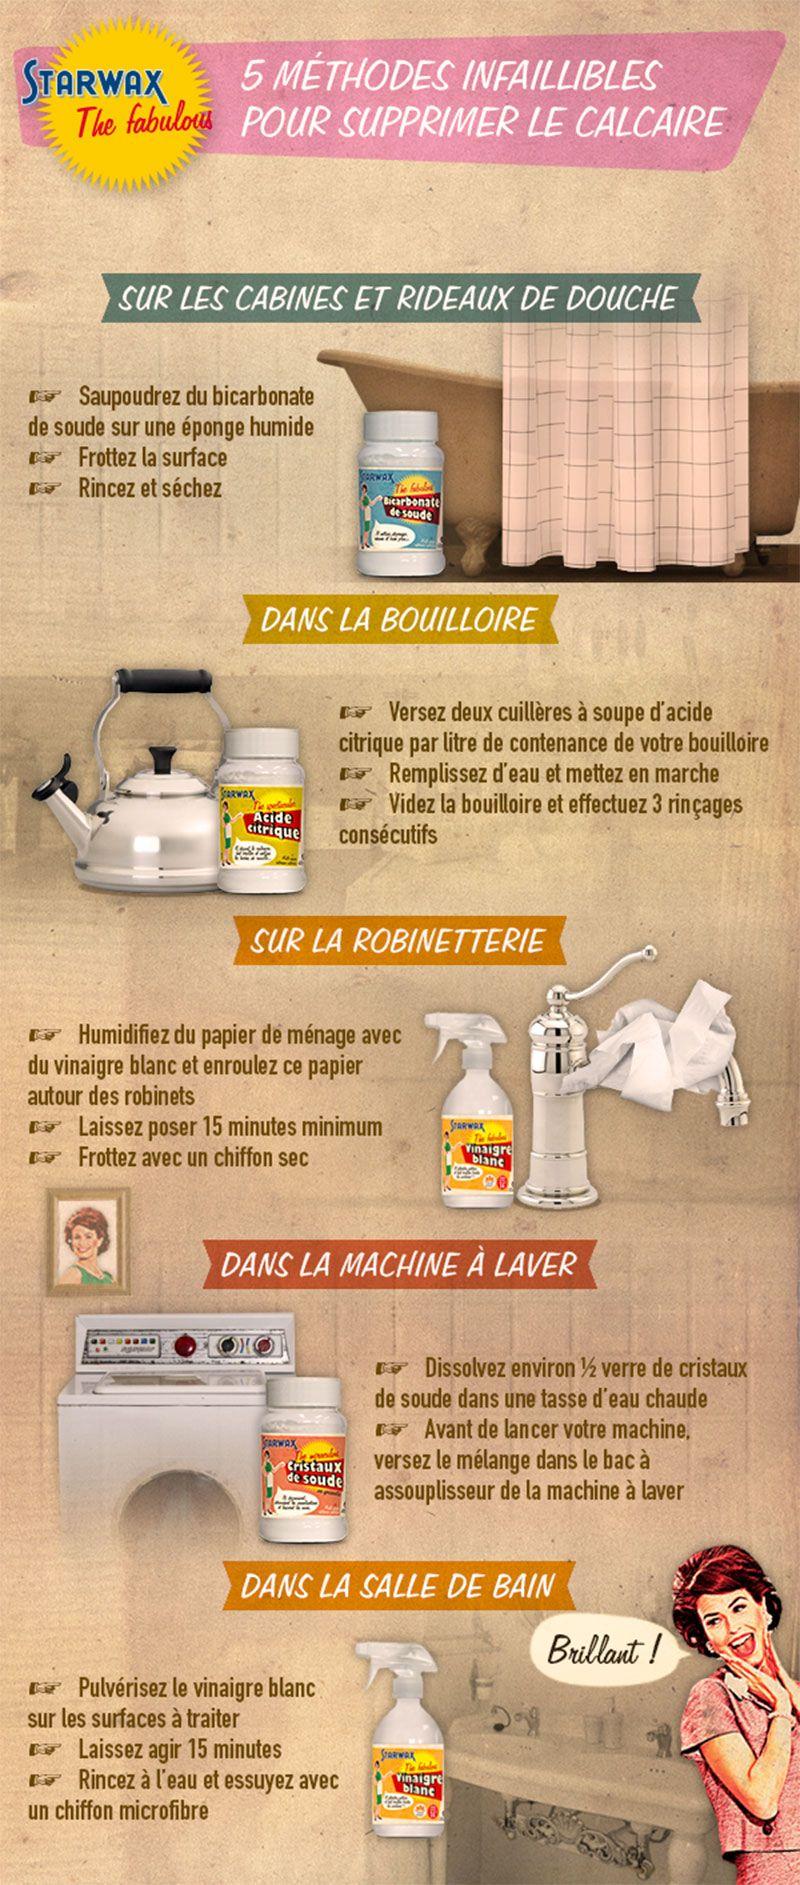 Produit Salle De Bain Vinaigre Blanc ~ 5 M Thodes Infaillibles Pour Supprimer Le Calcaire Pinterest La